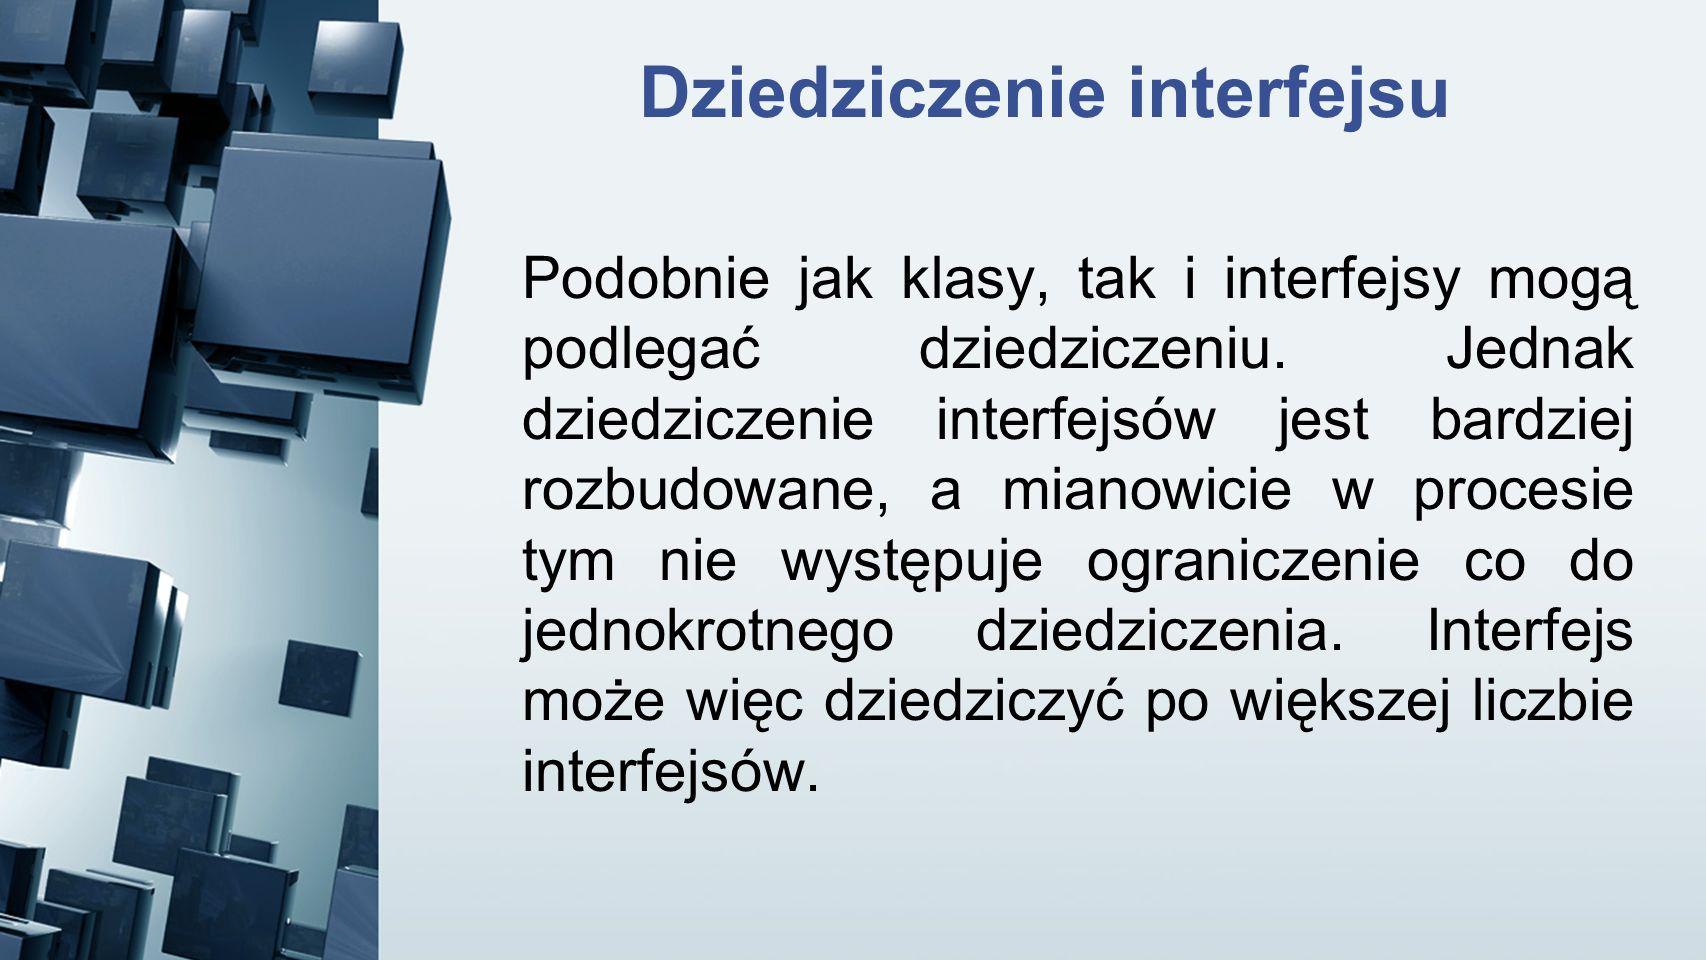 Dziedziczenie interfejsu